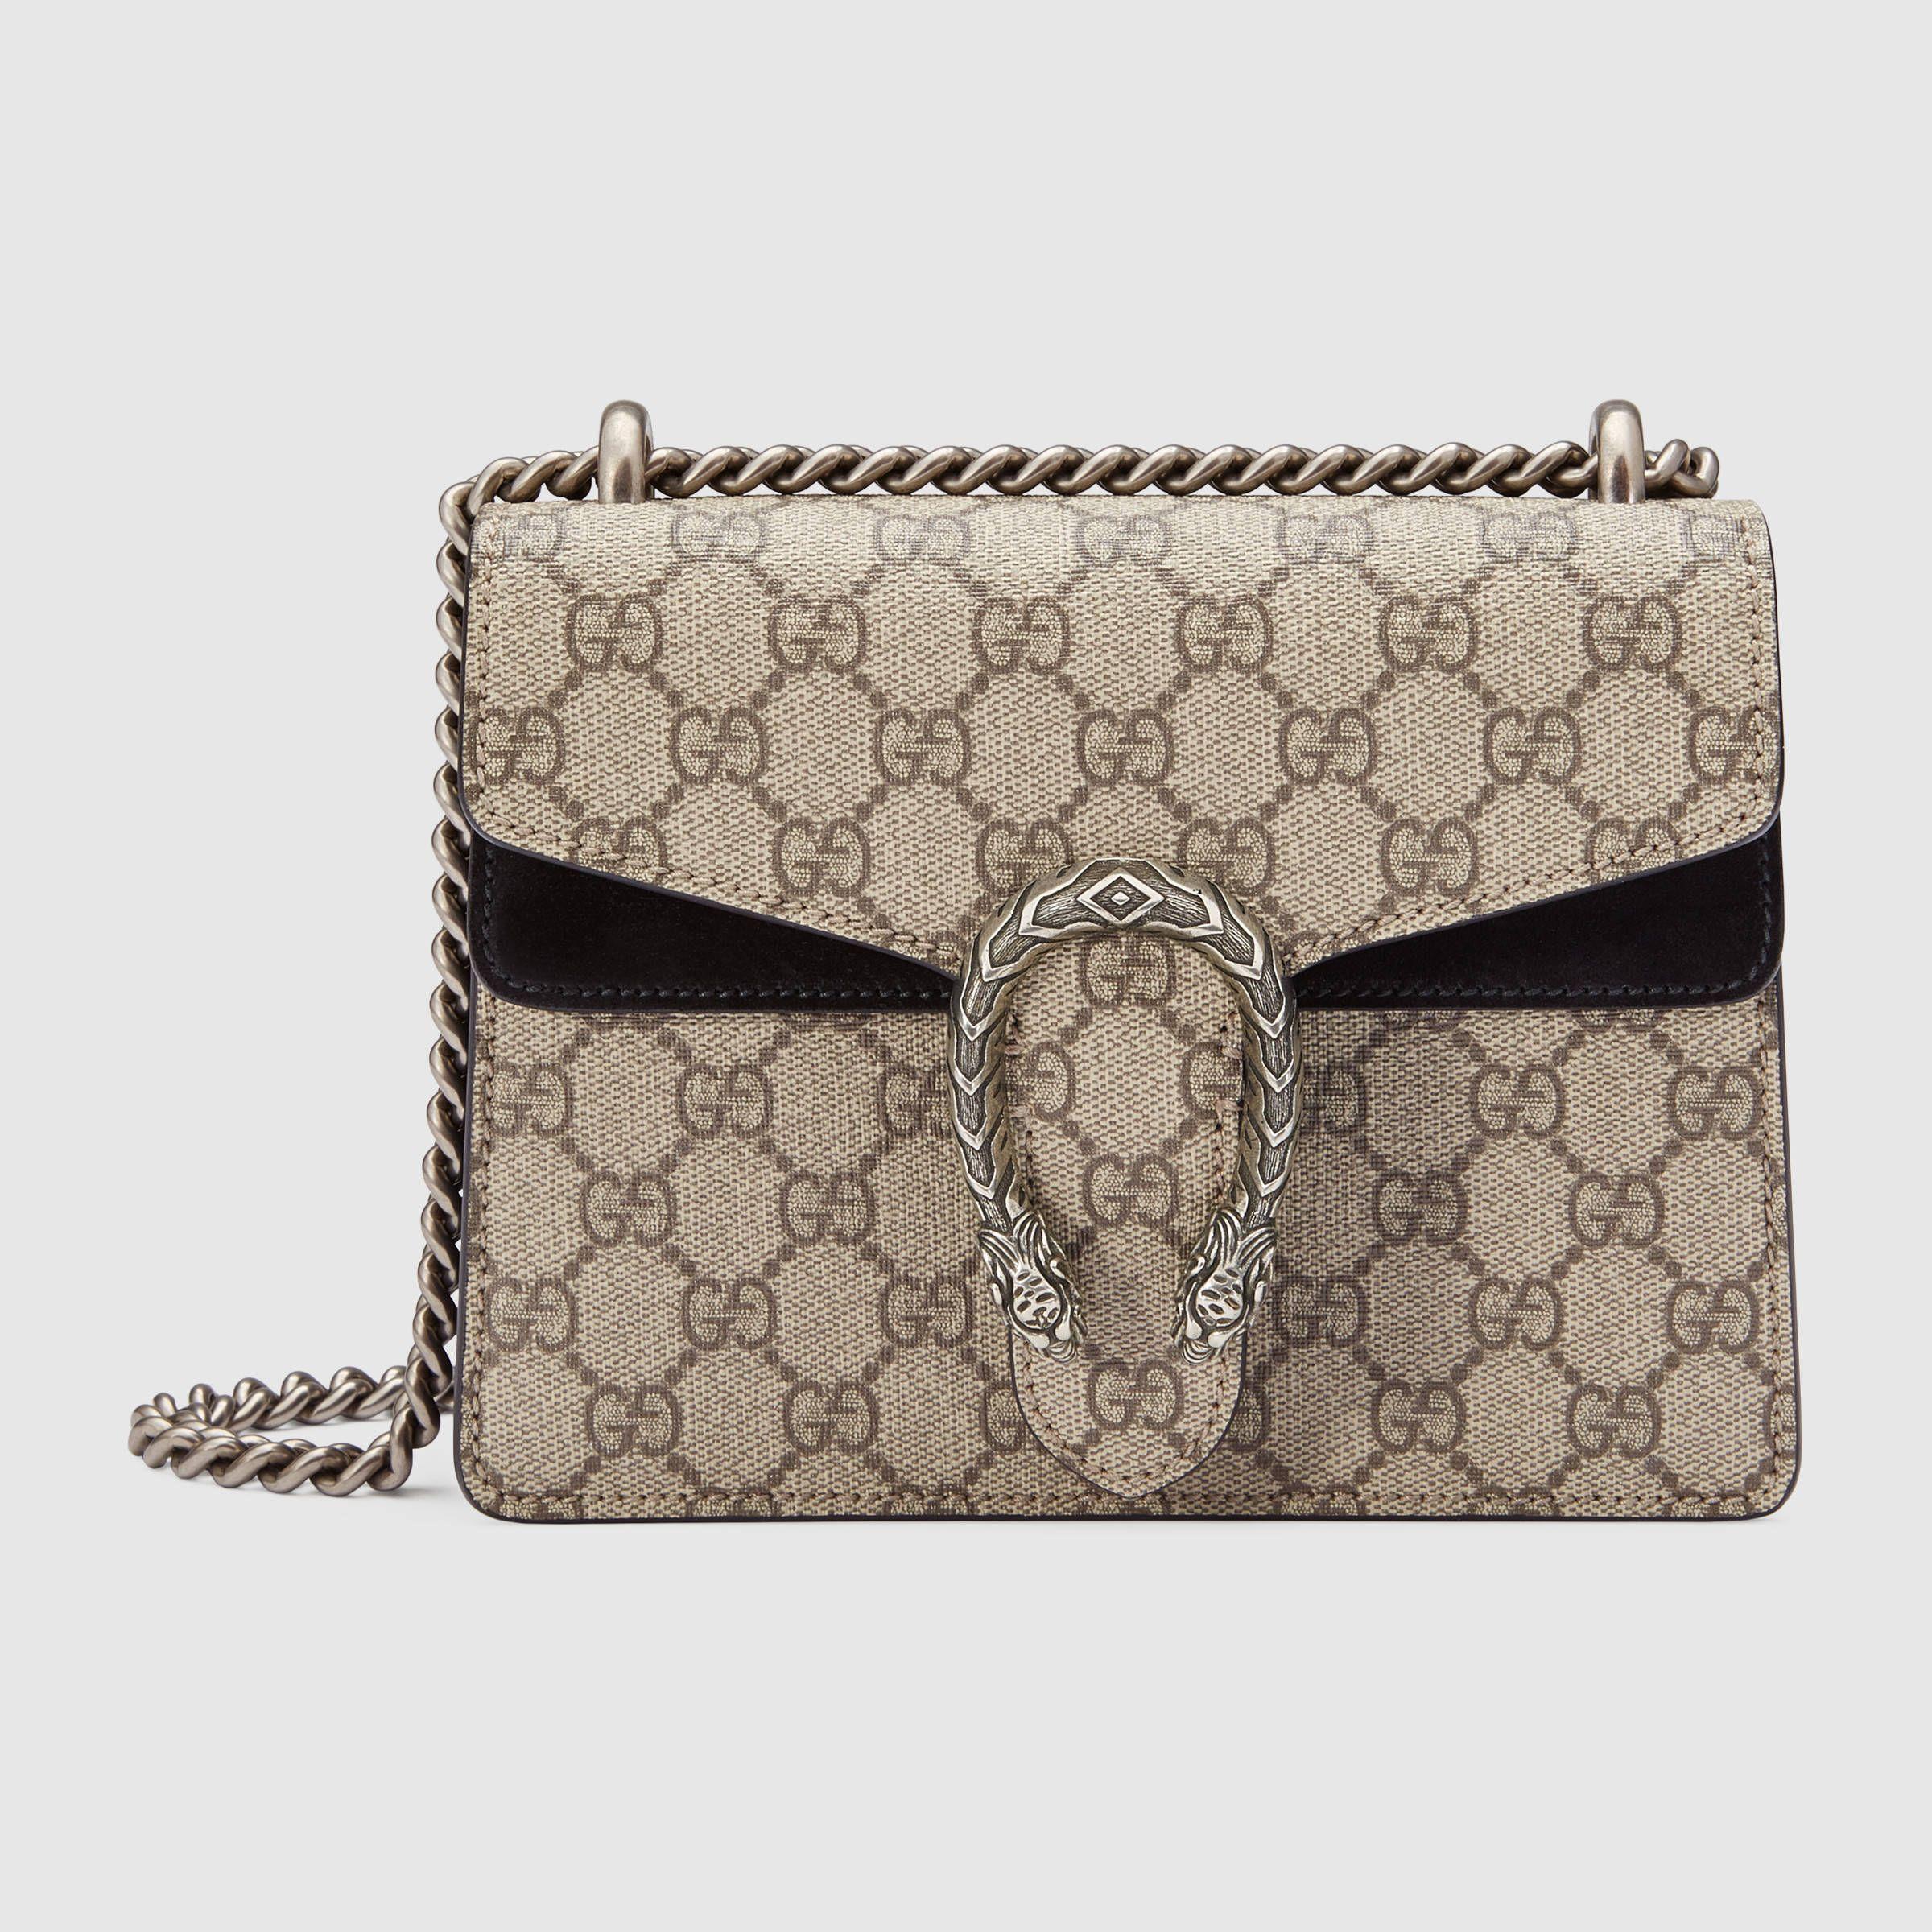 Dionysus GG Supreme mini bag in 2019 | Bags | Mini Bag ...